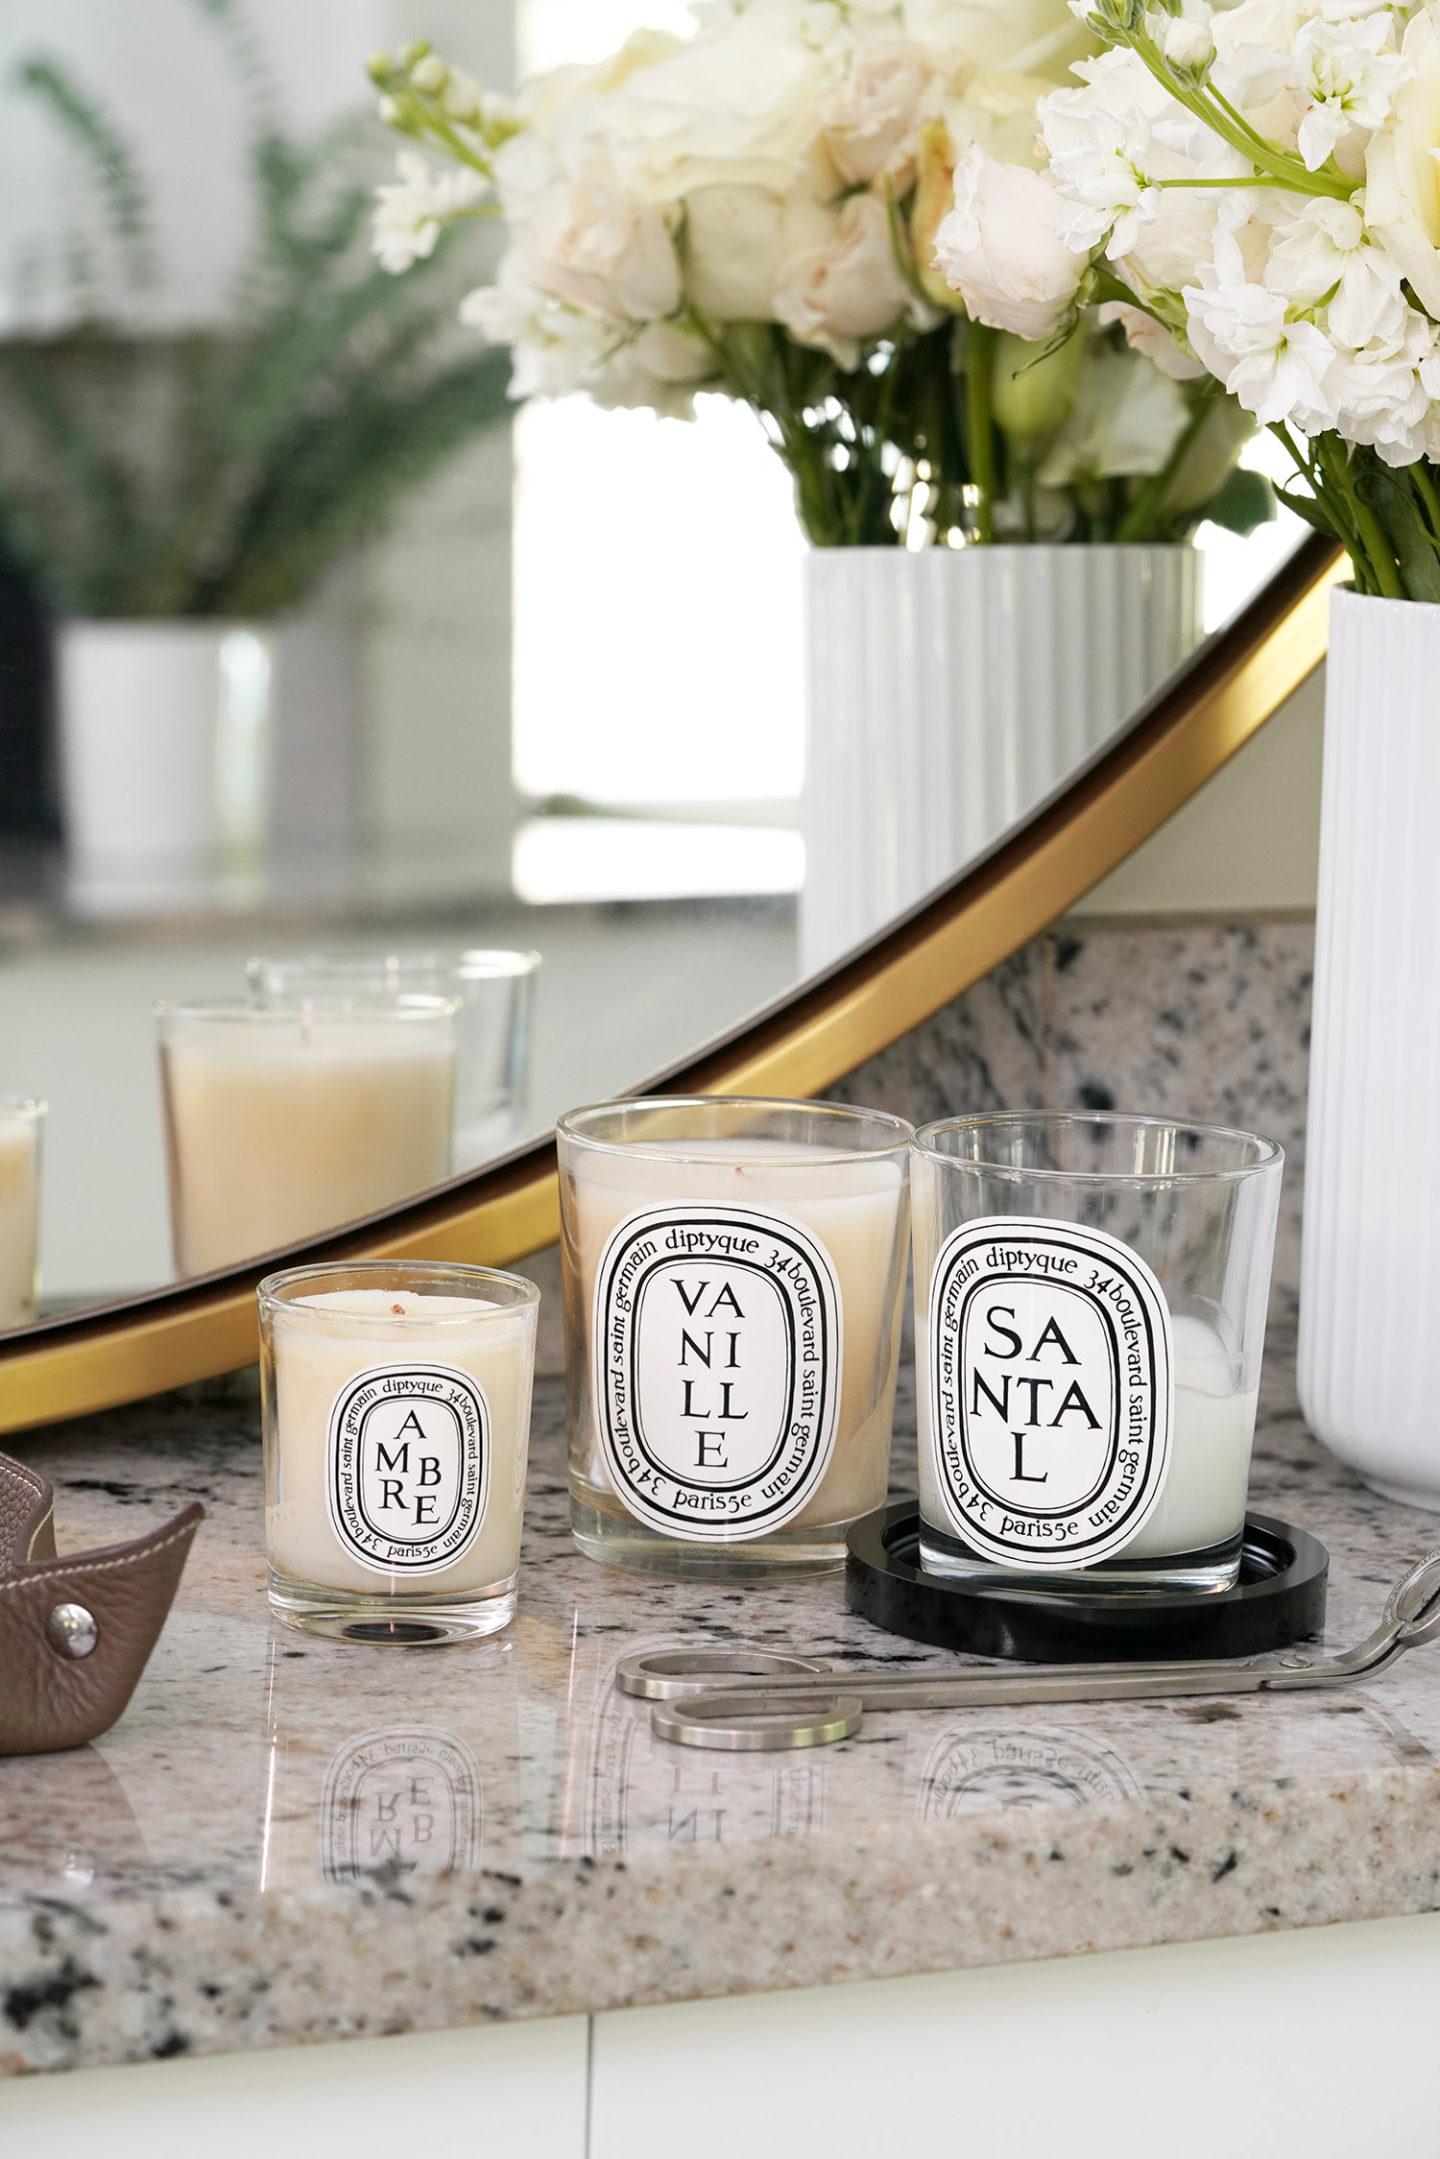 Meilleures bougies Diptyque pour l'automne Ambre, Vanille et Santal